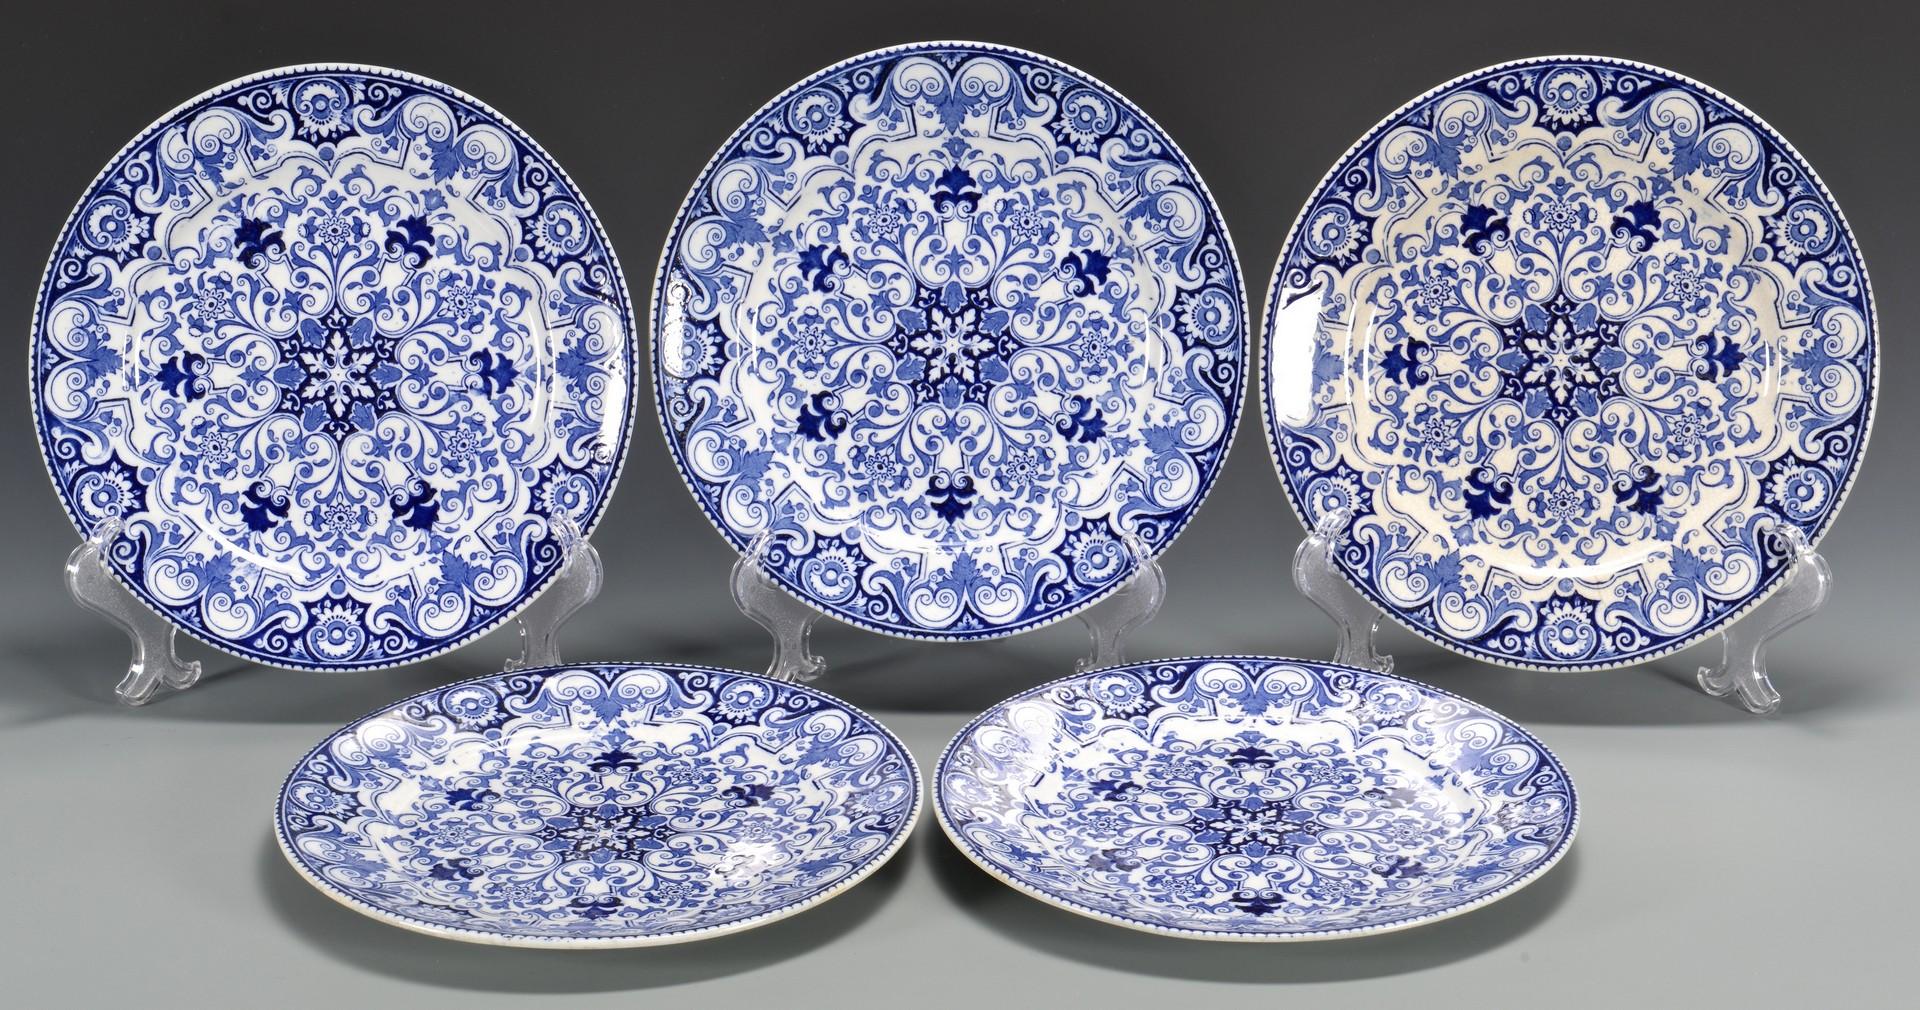 Lot 767: Wedgwood Rouen Porcelain Service